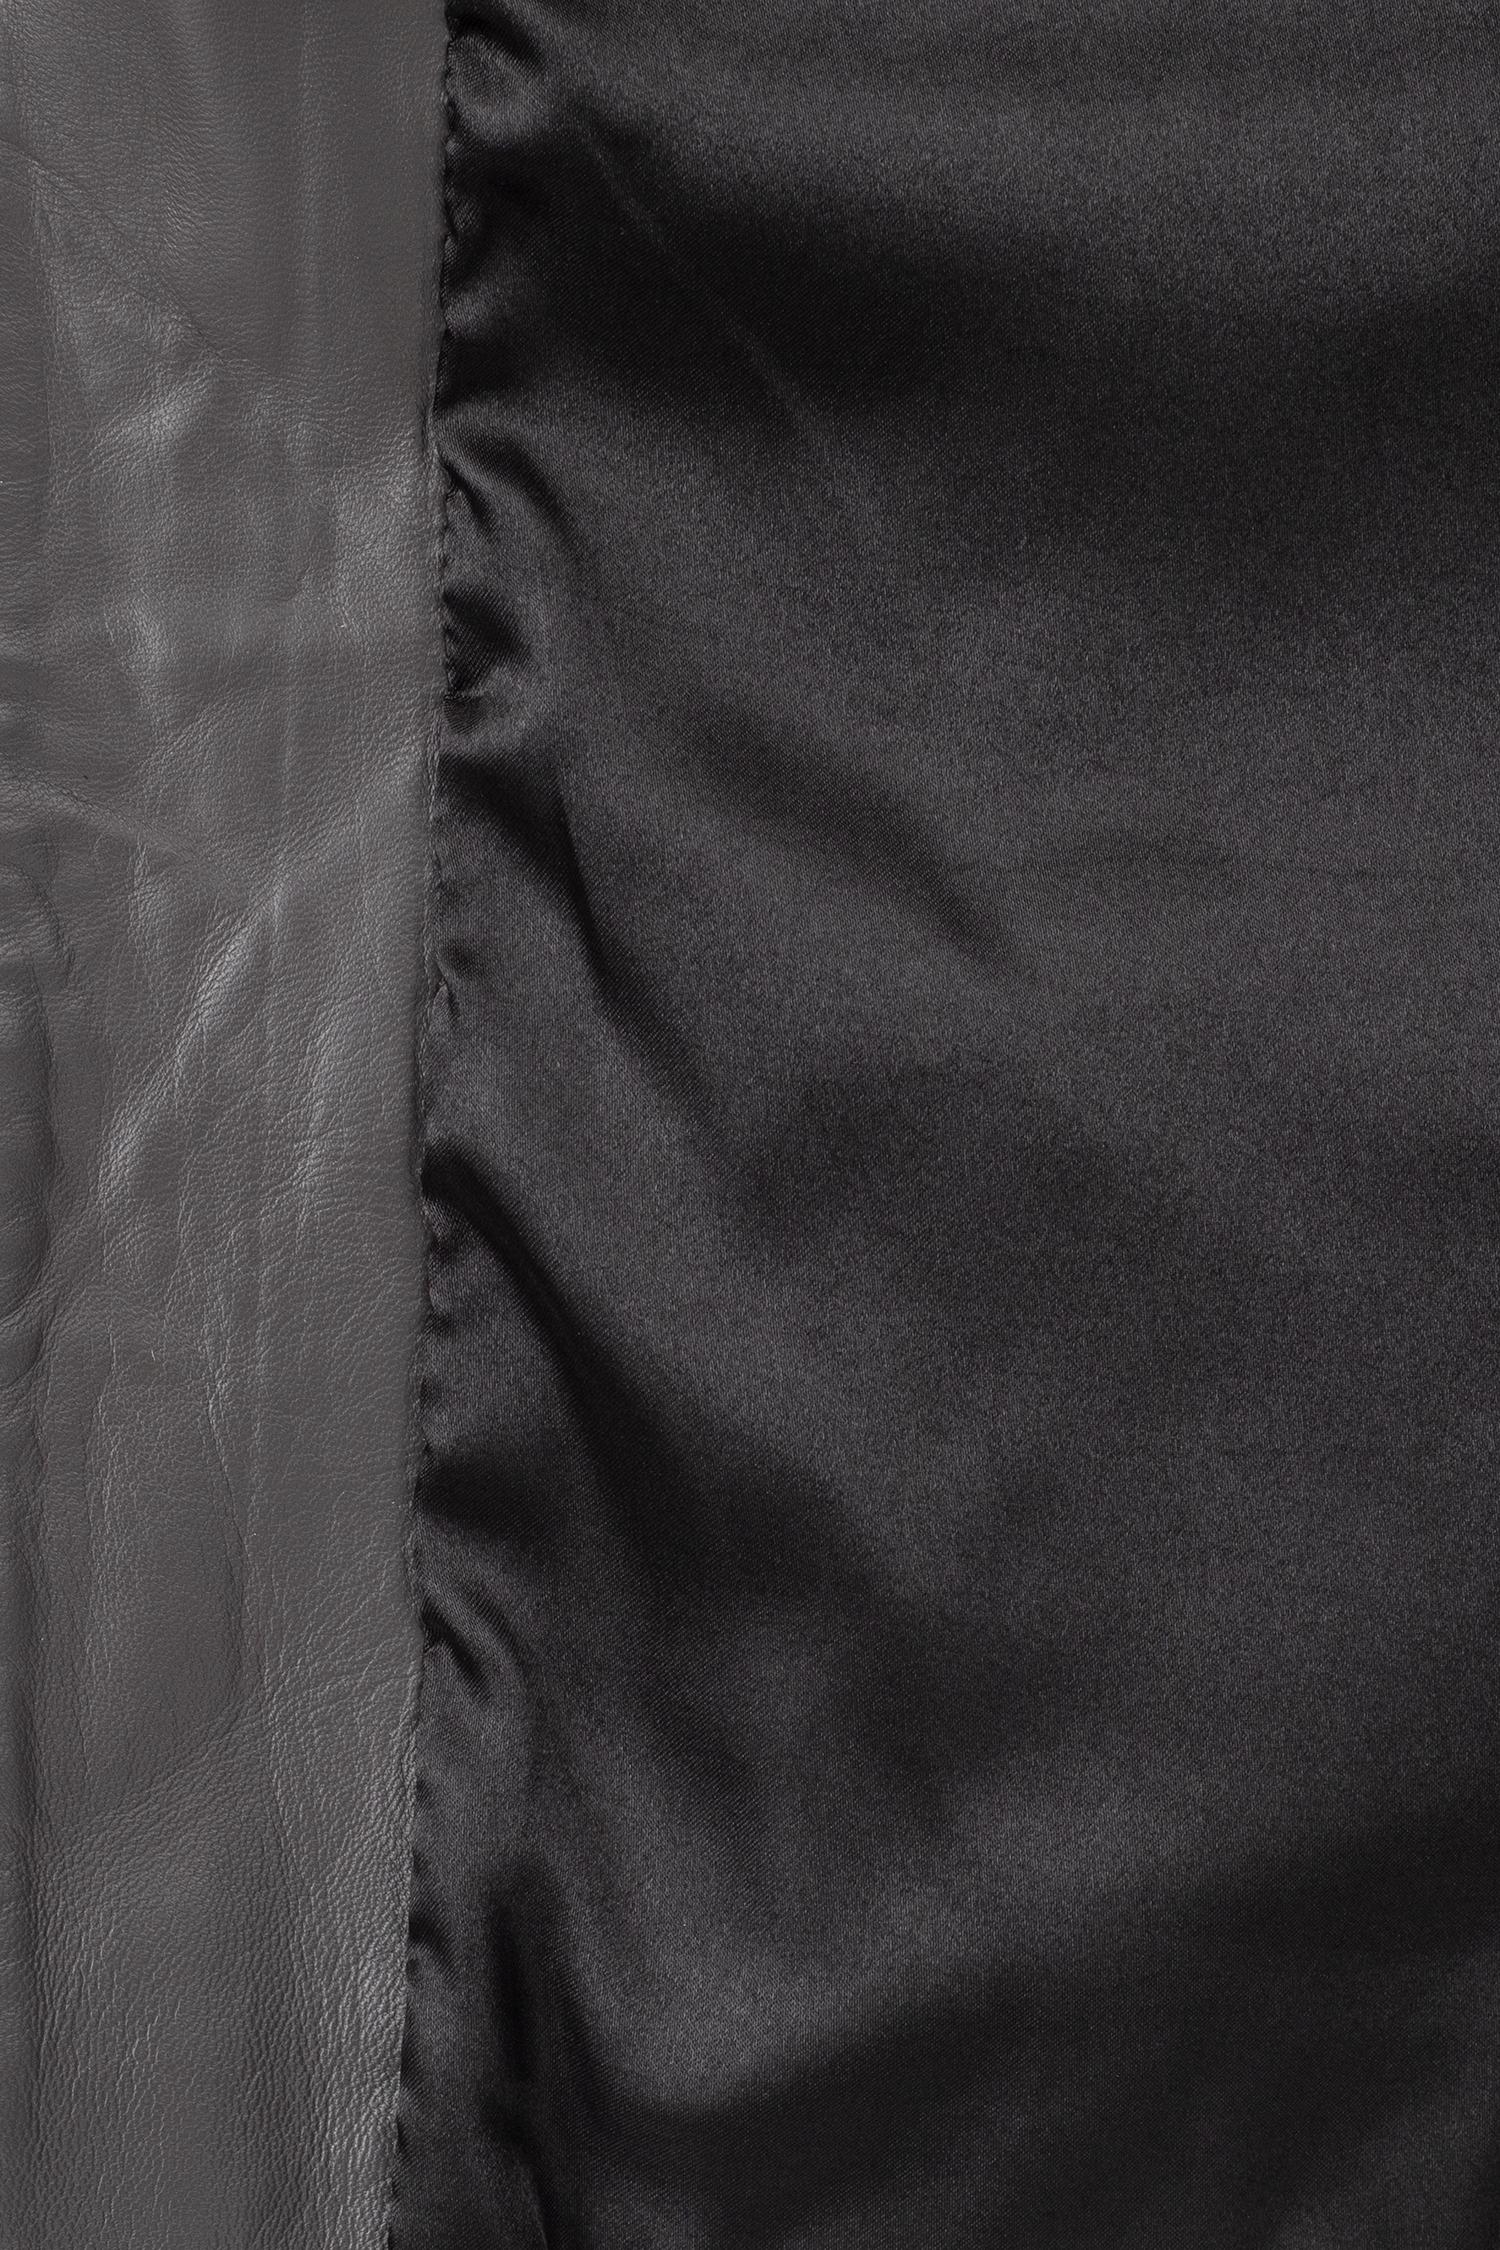 Фото 4 - Женская кожаная куртка из натуральной кожи с воротником от МОСМЕХА серого цвета